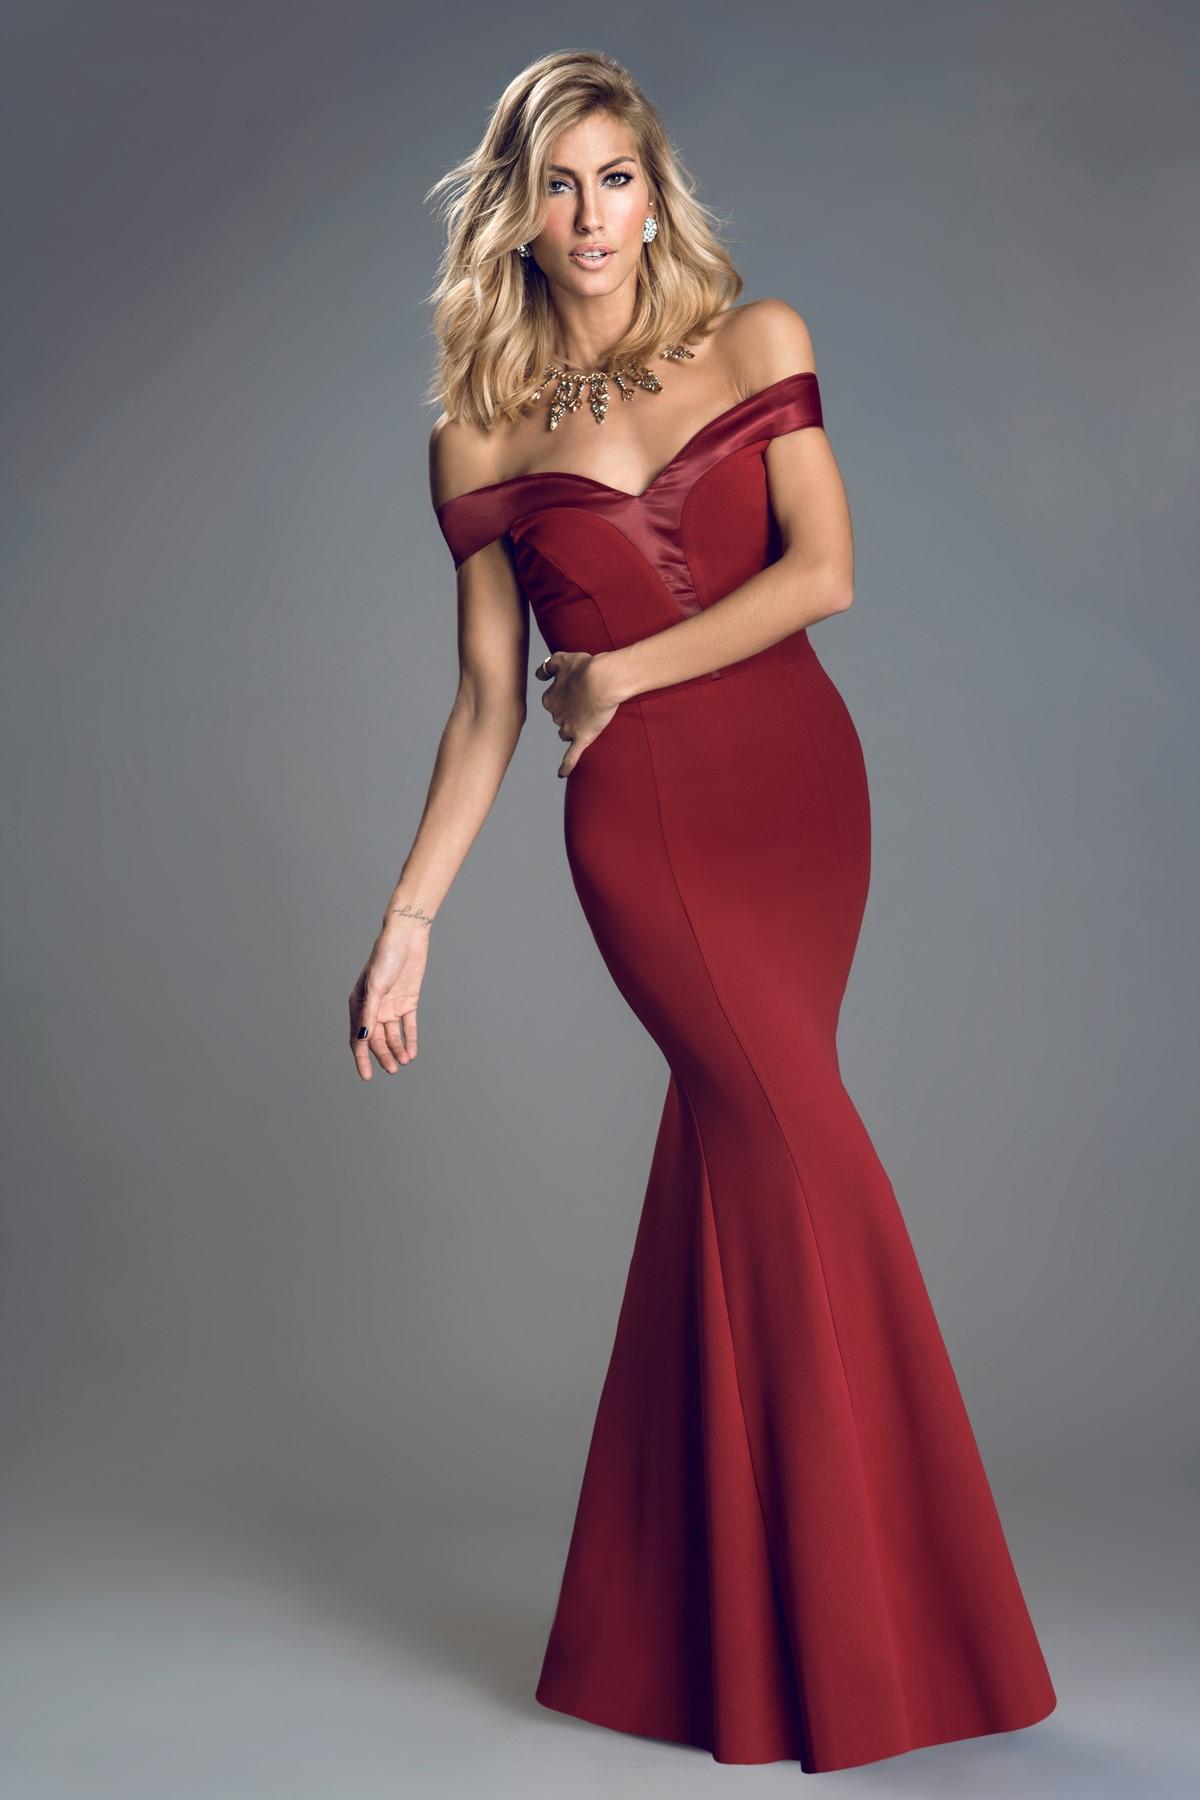 ea108a51c2e67 Bordo 2015 Mezuniyet Elbisesi Modelleri